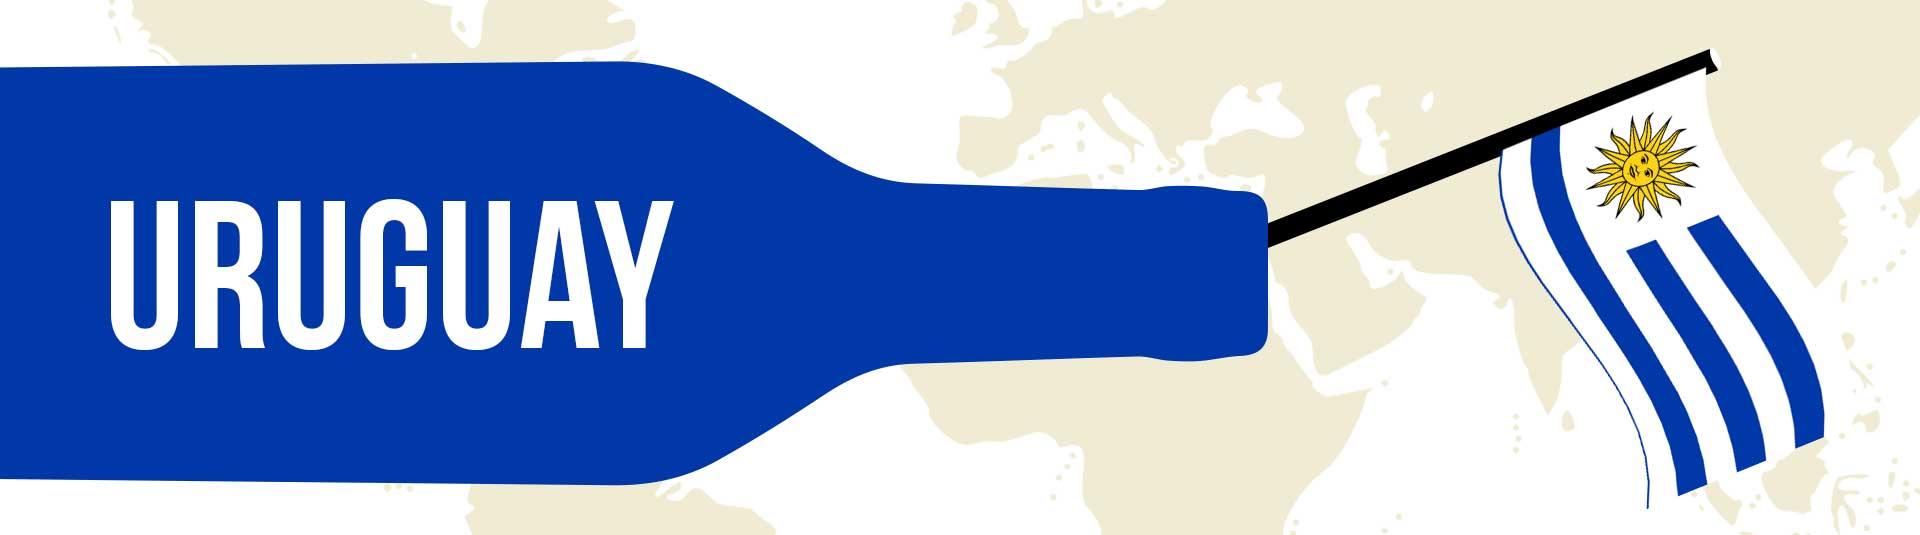 Découvrez les vins d'Uruguay